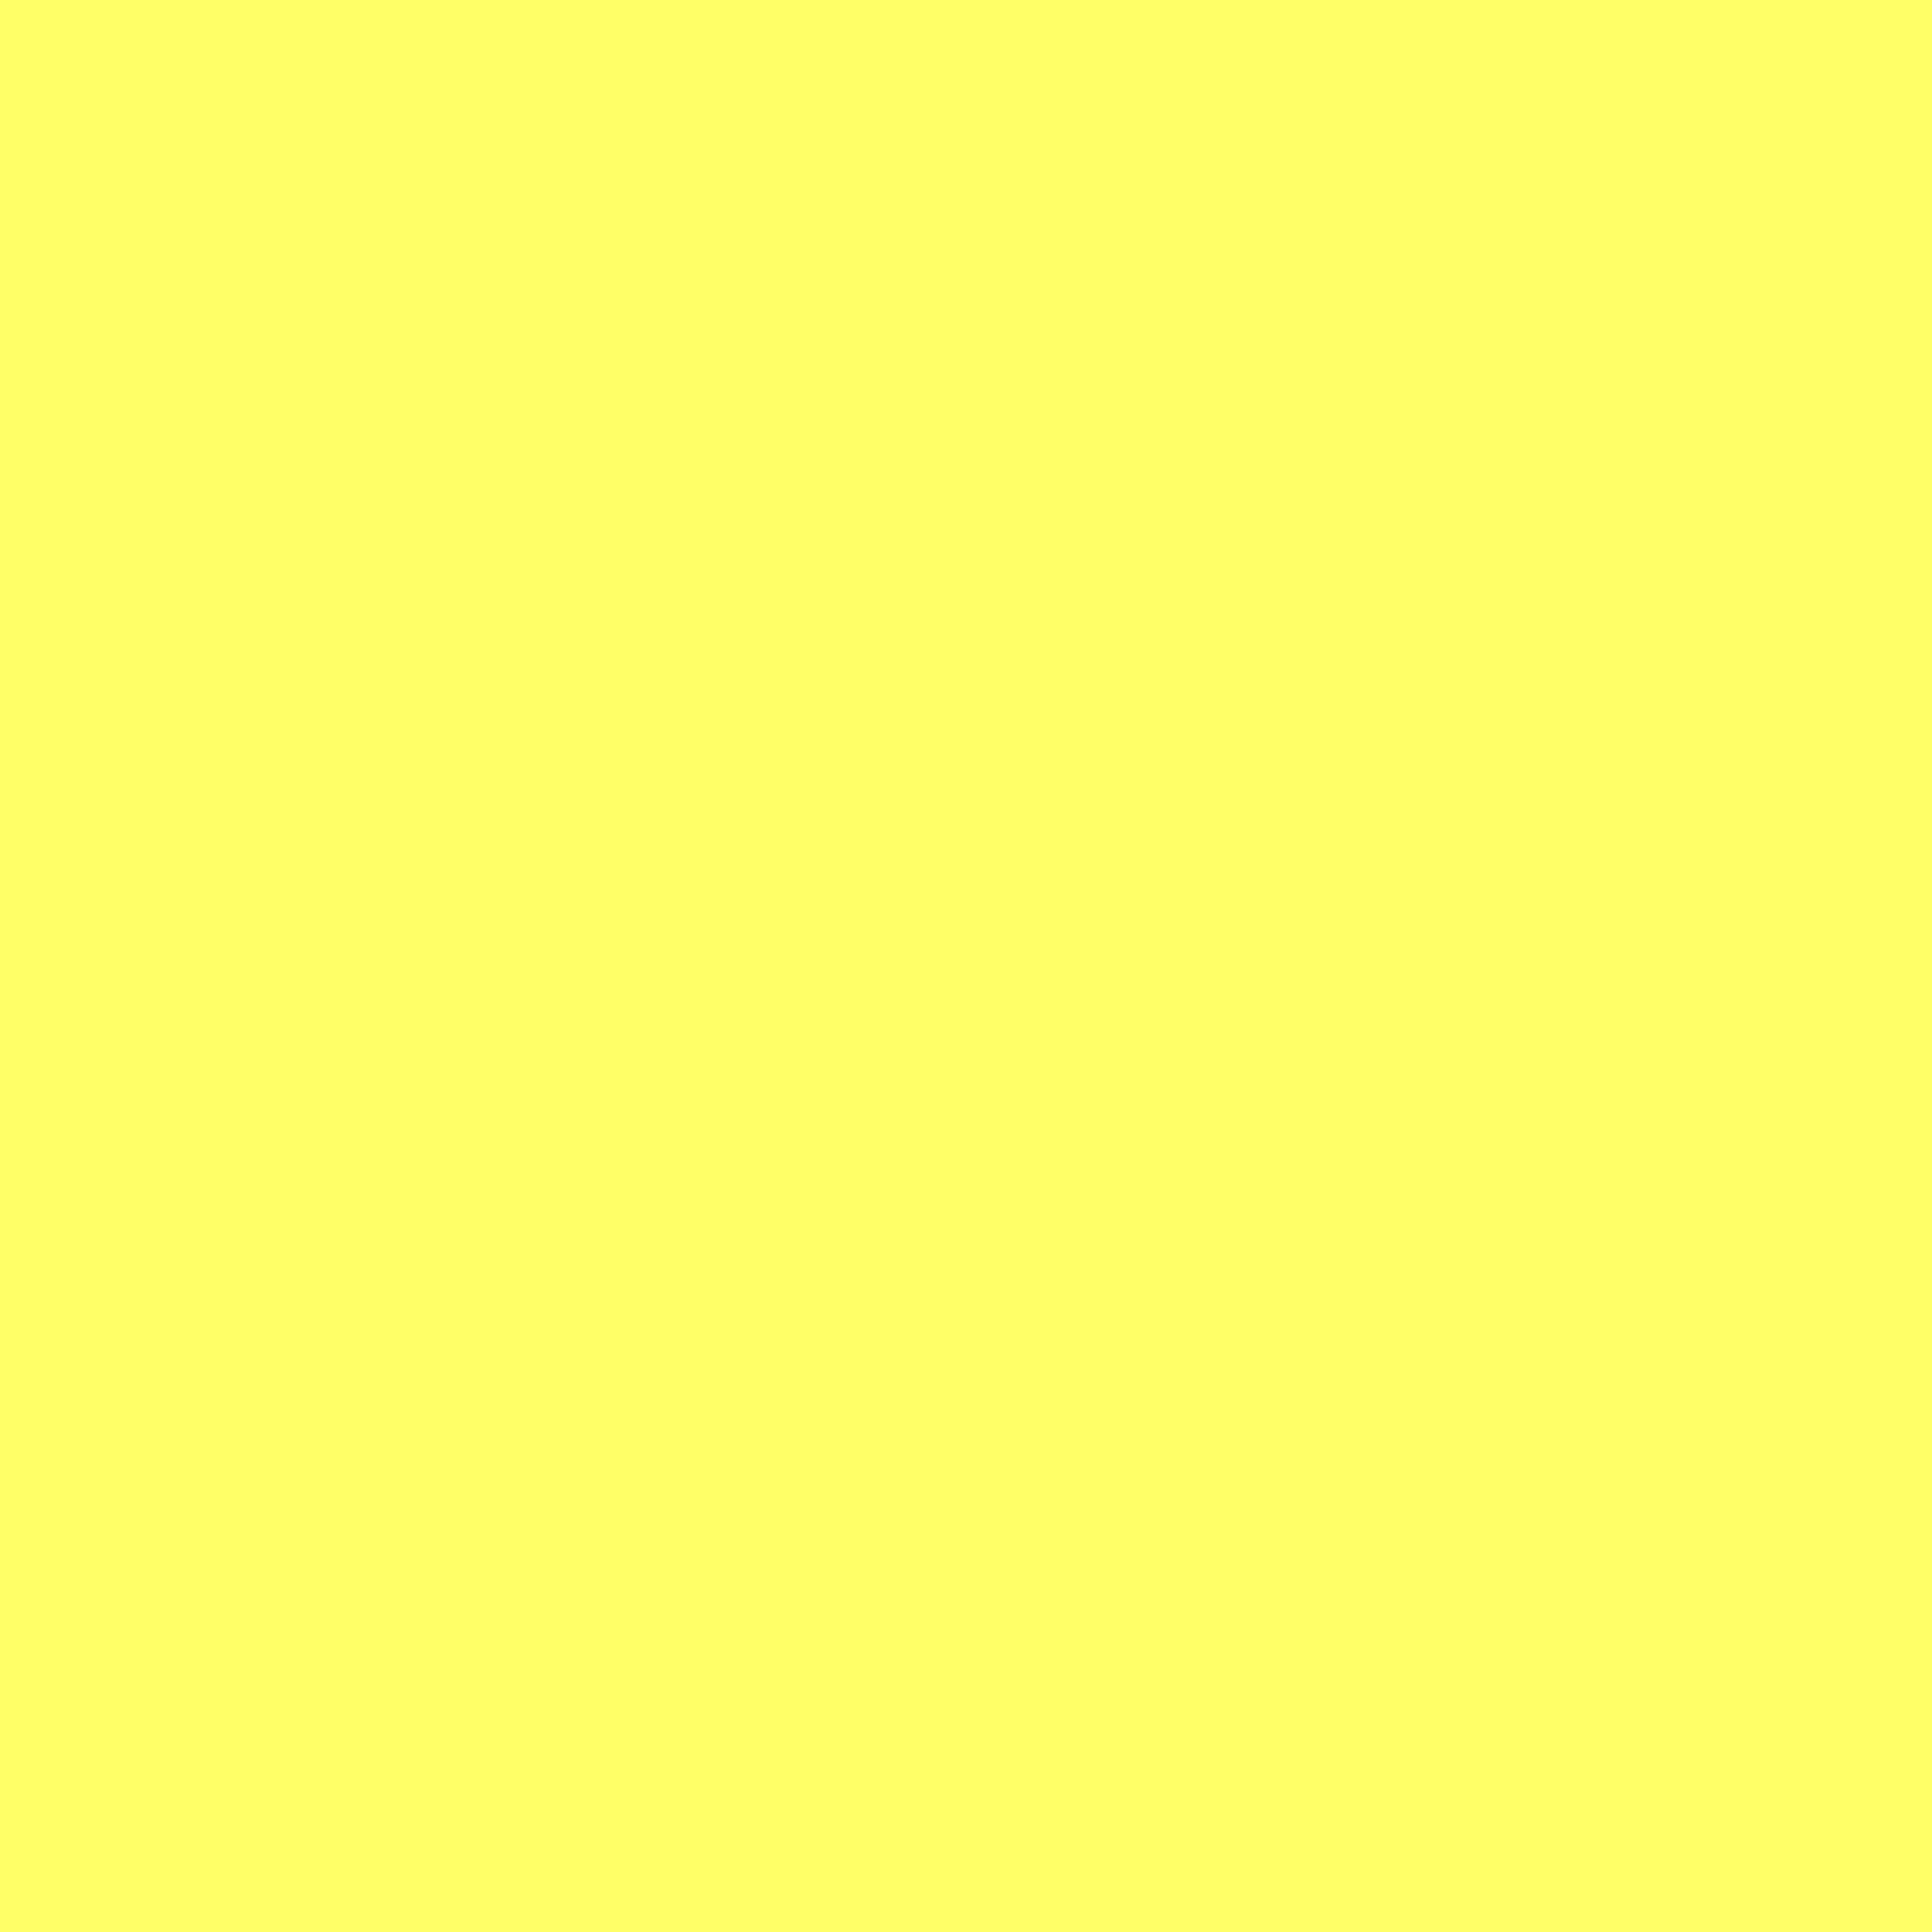 3600x3600 Laser Lemon Solid Color Background